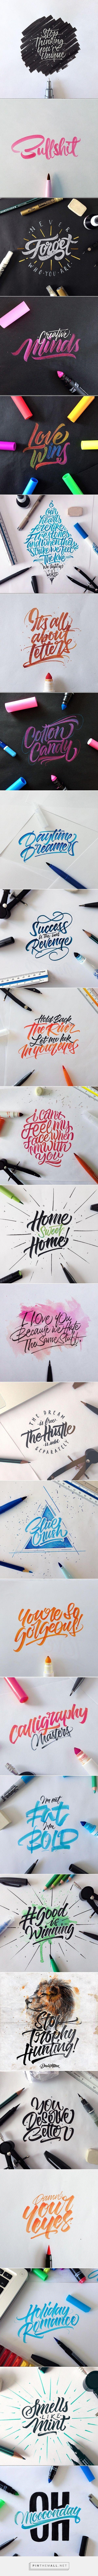 Crayola & Brushpen Lettering Set 3 by David Milan